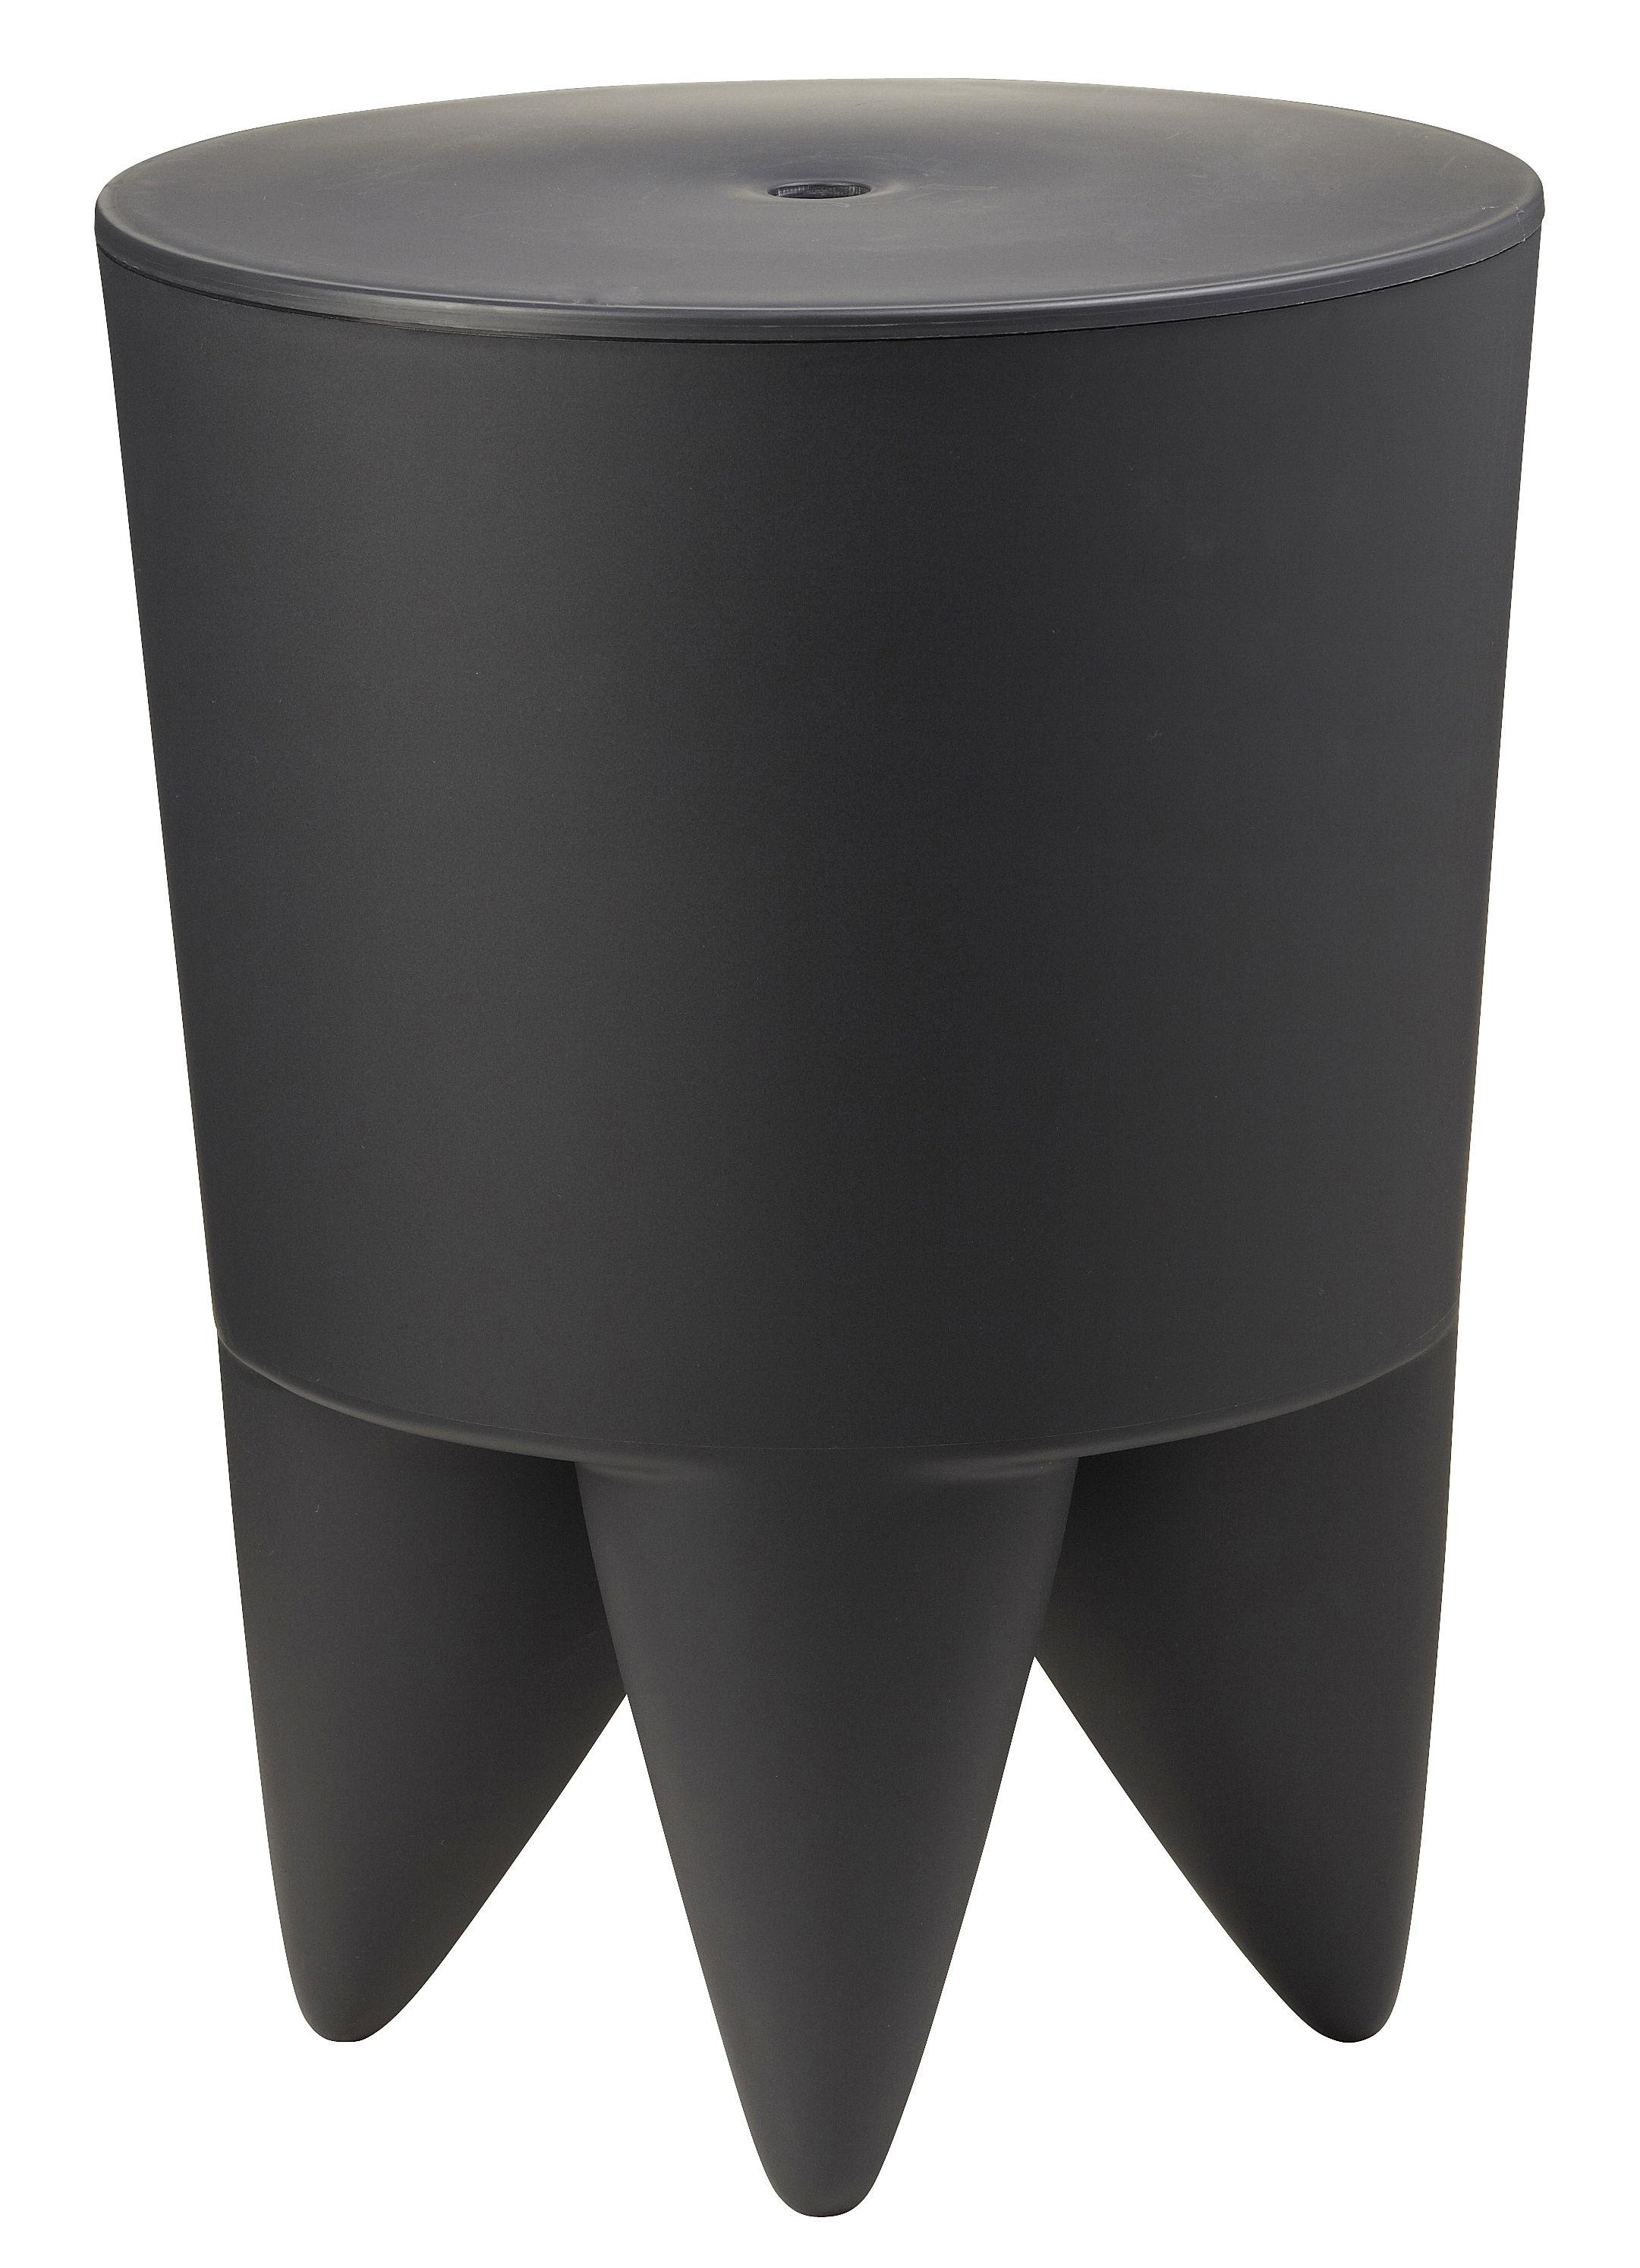 tabouret new bubu 1er coffre plastique anthracite xo. Black Bedroom Furniture Sets. Home Design Ideas